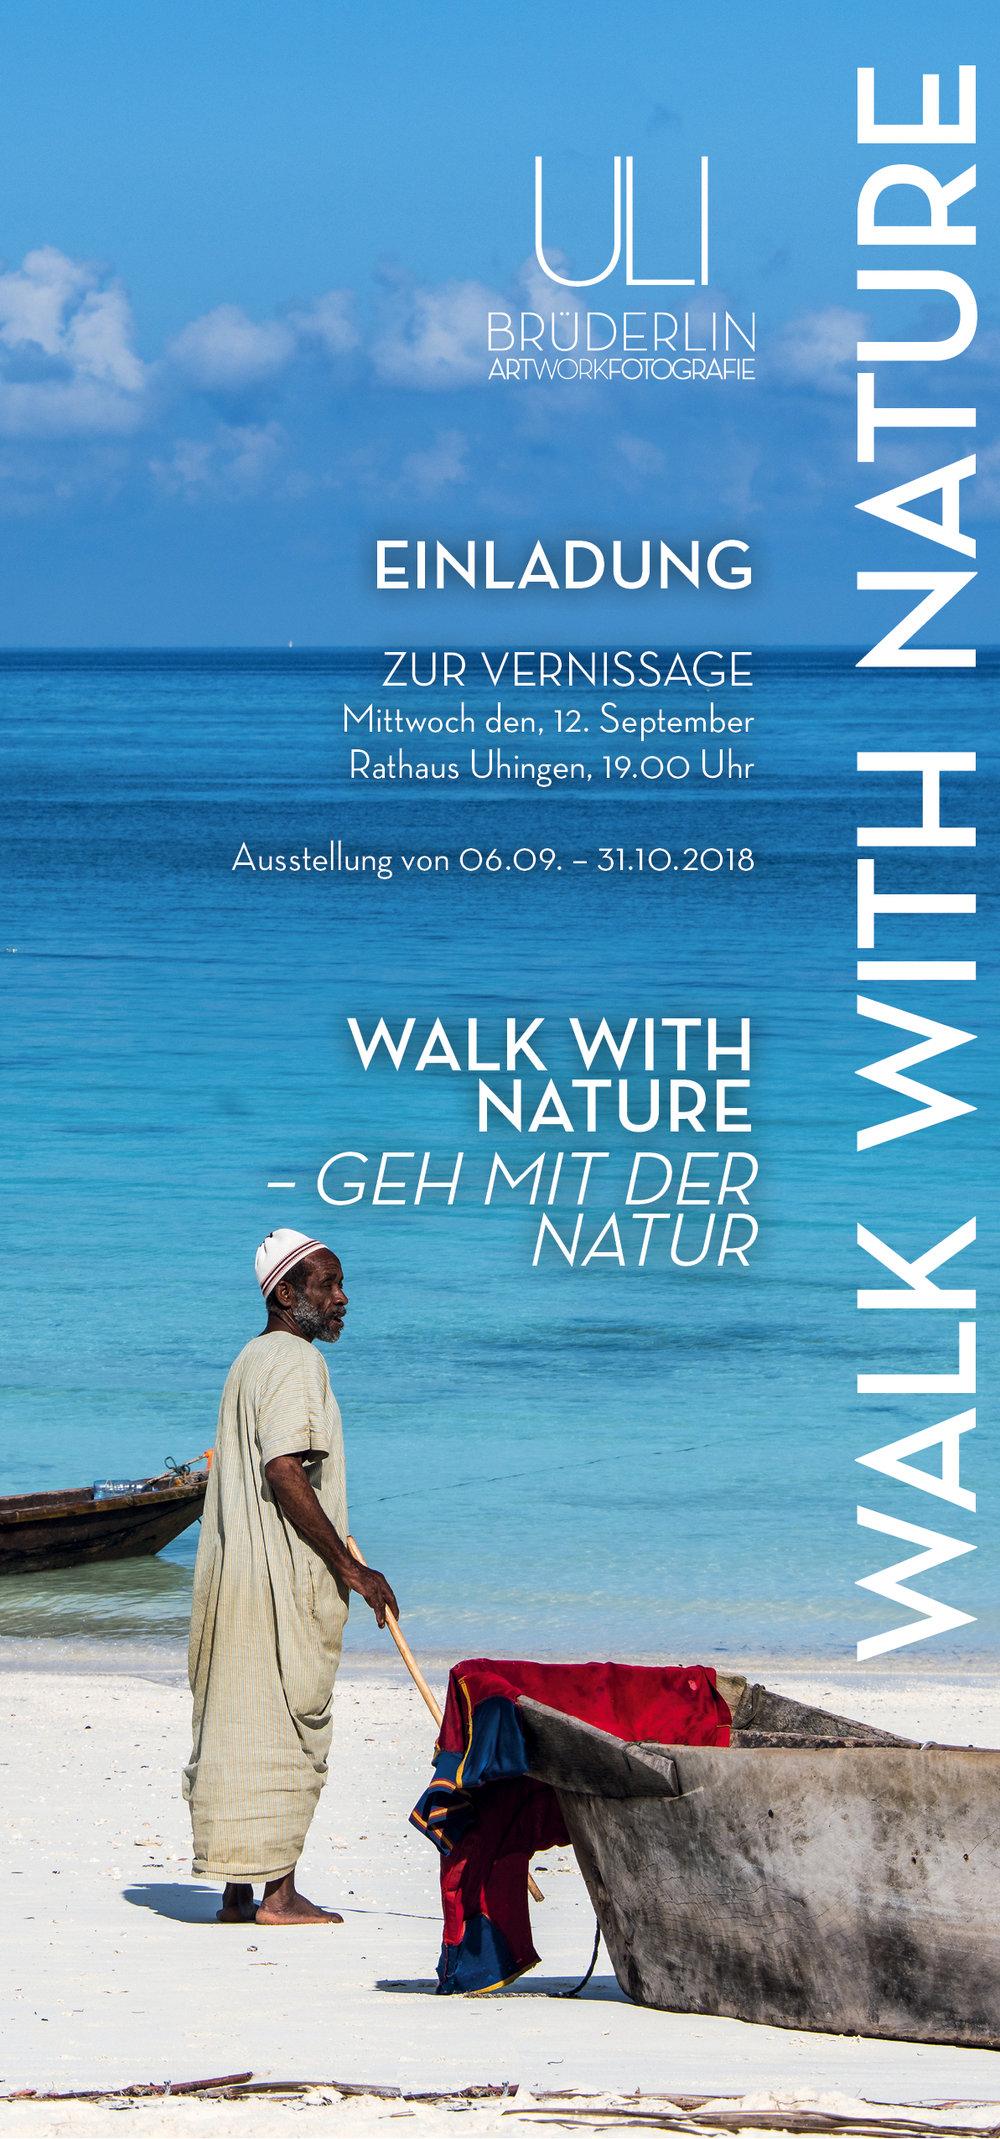 Uli Flyer 6 walk with natur RZ-1.jpg